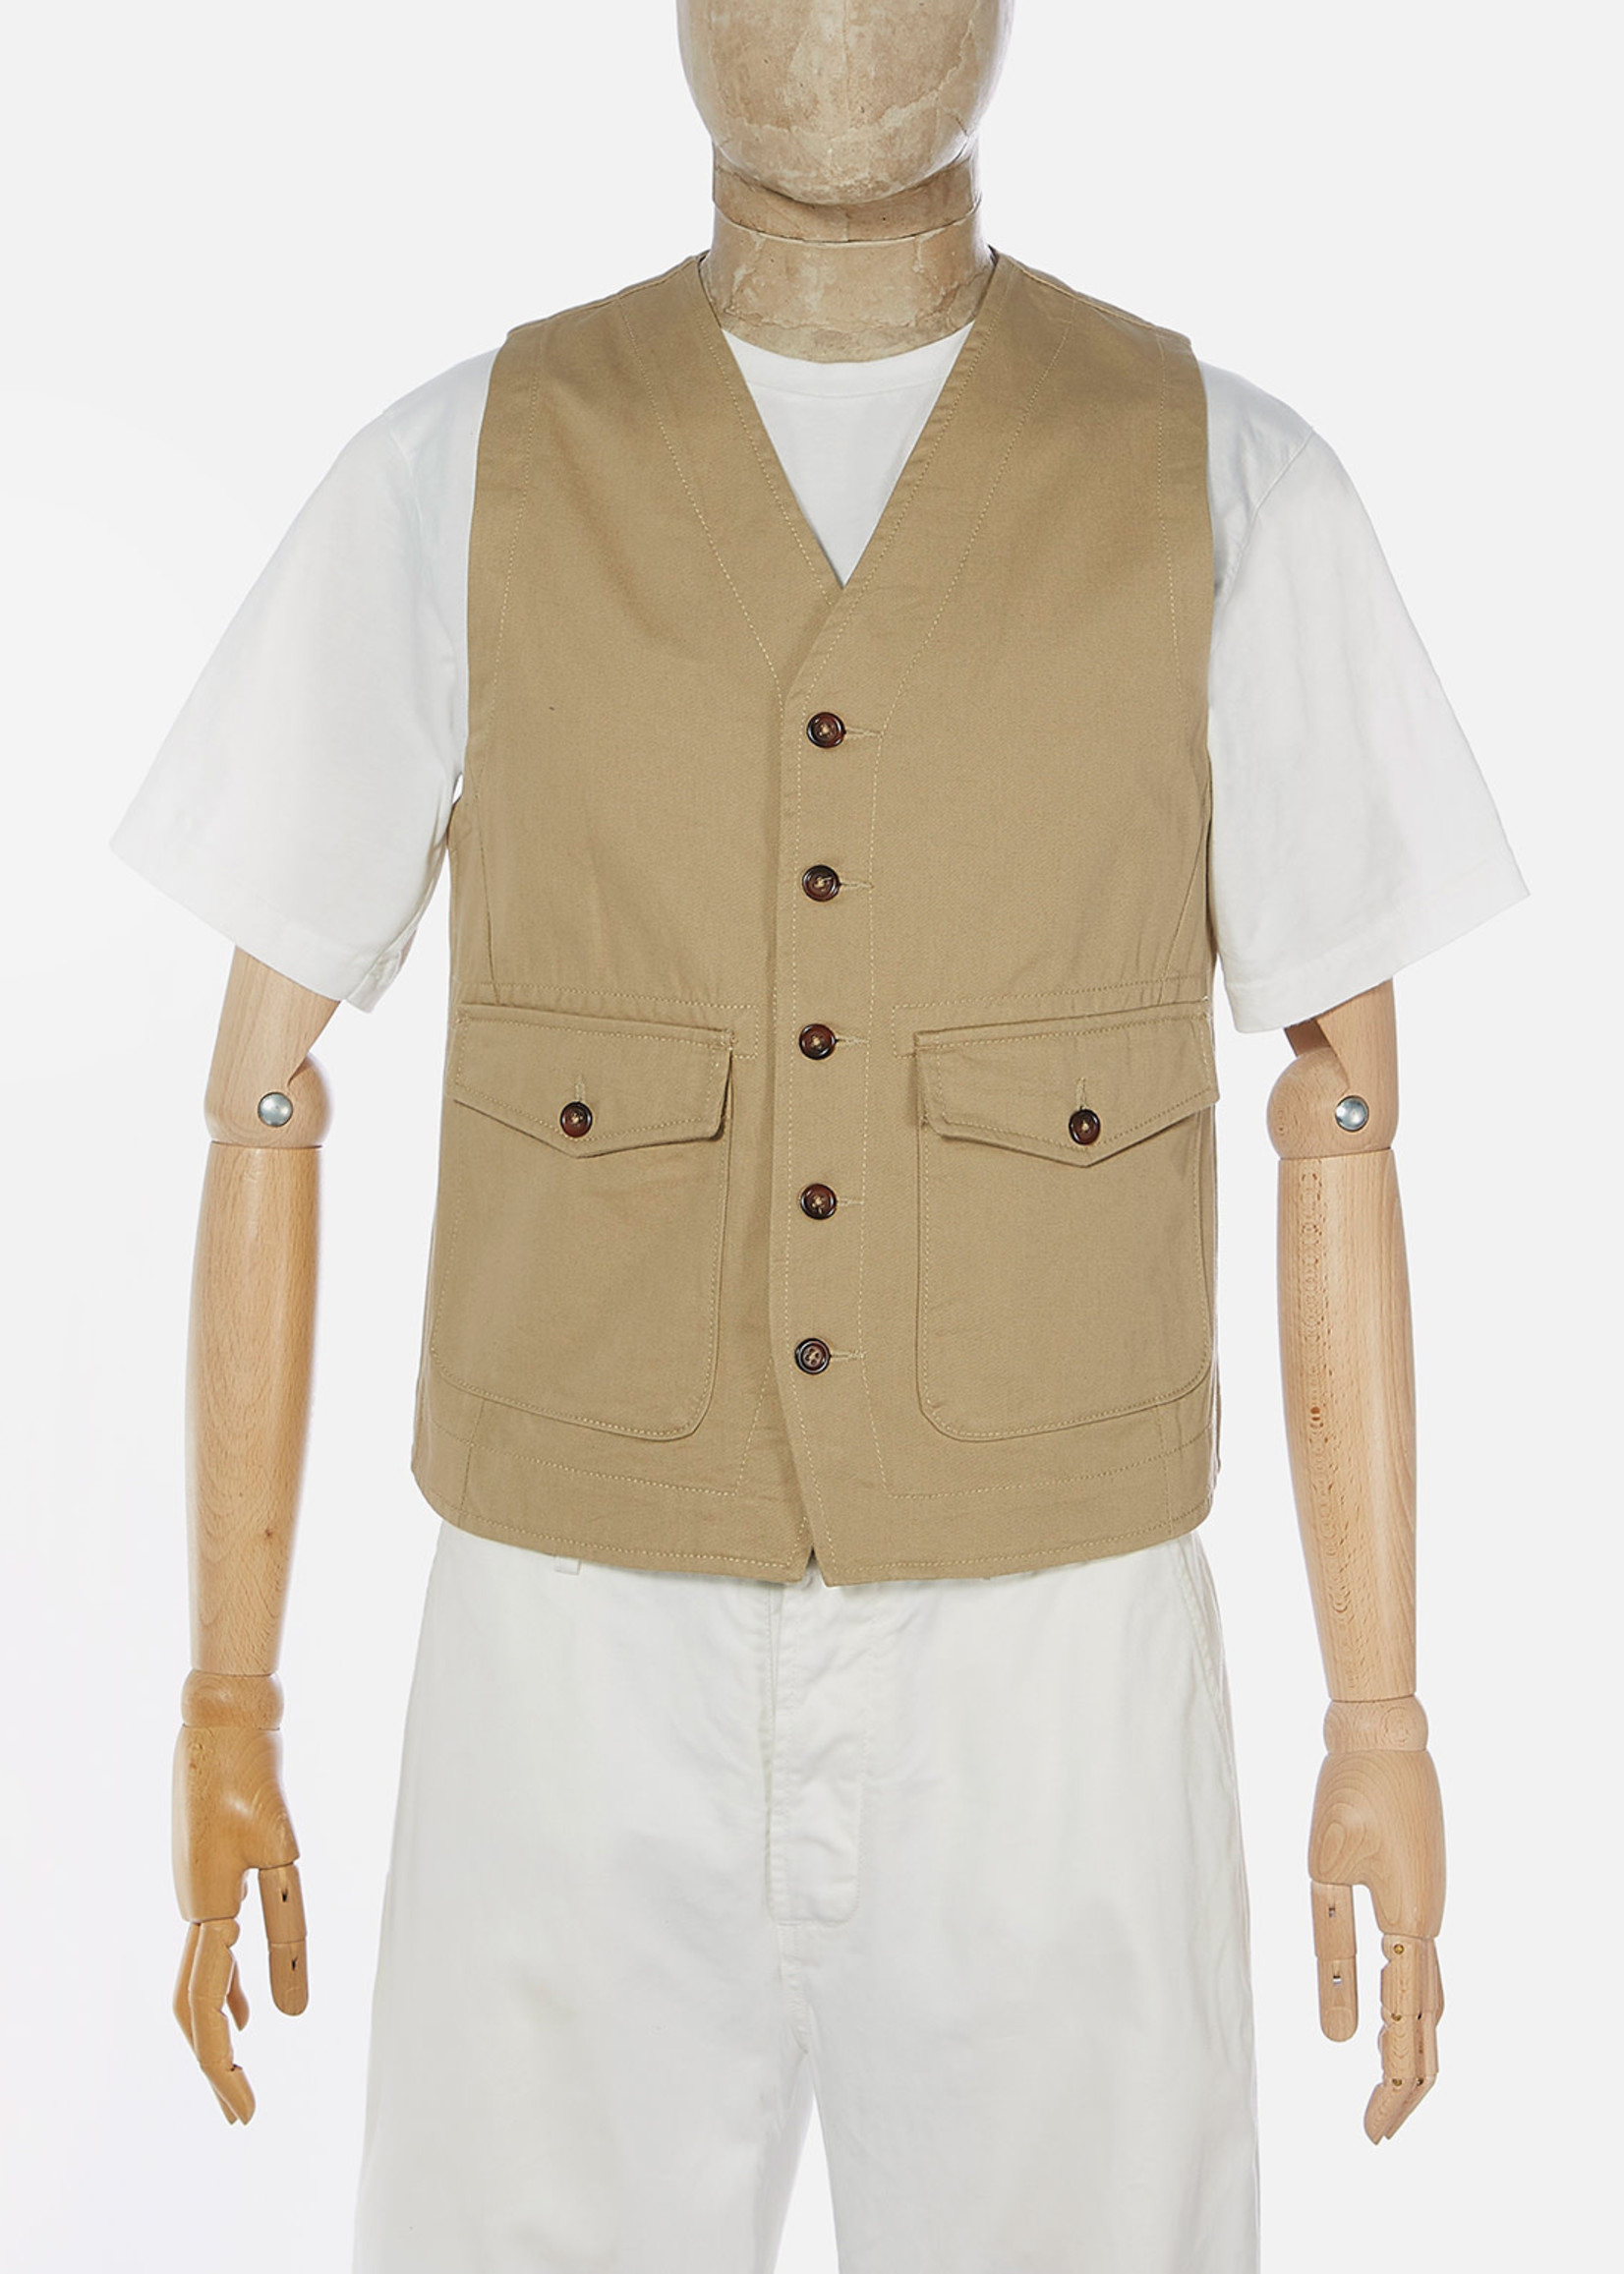 Universal Works Universal Works Field Waistcoat Tan Cotton Twill